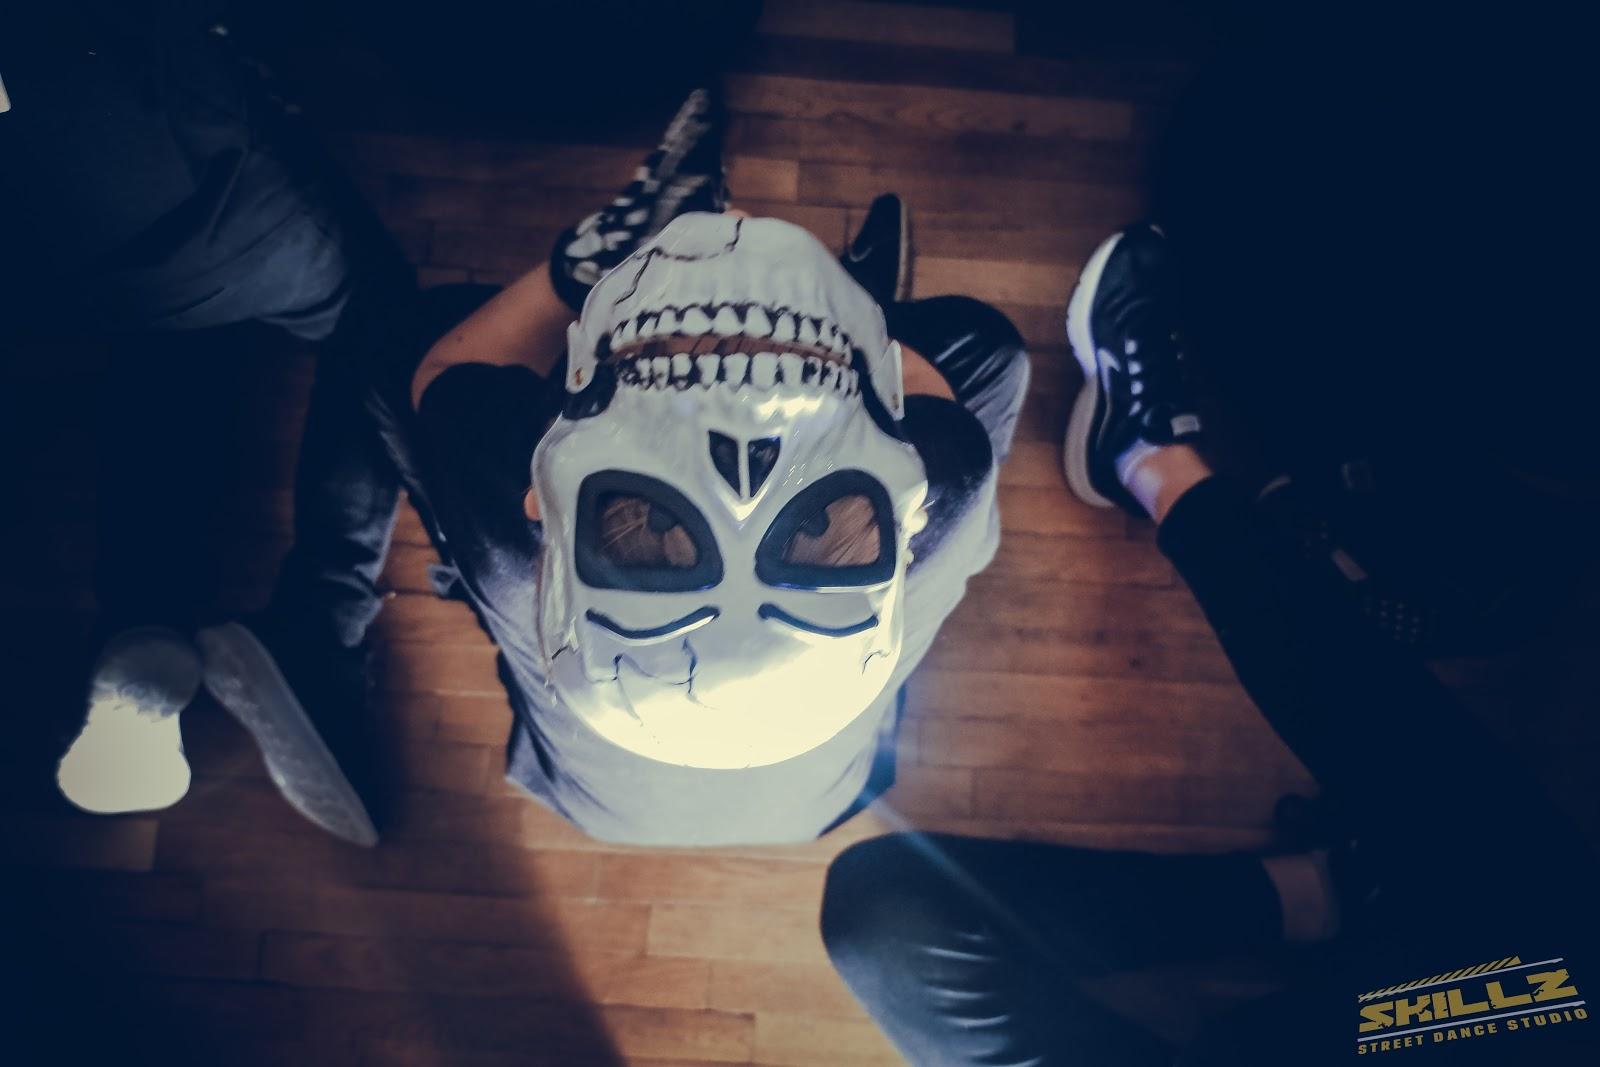 Naujikų krikštynos @SKILLZ (Halloween tema) - PANA2310.jpg